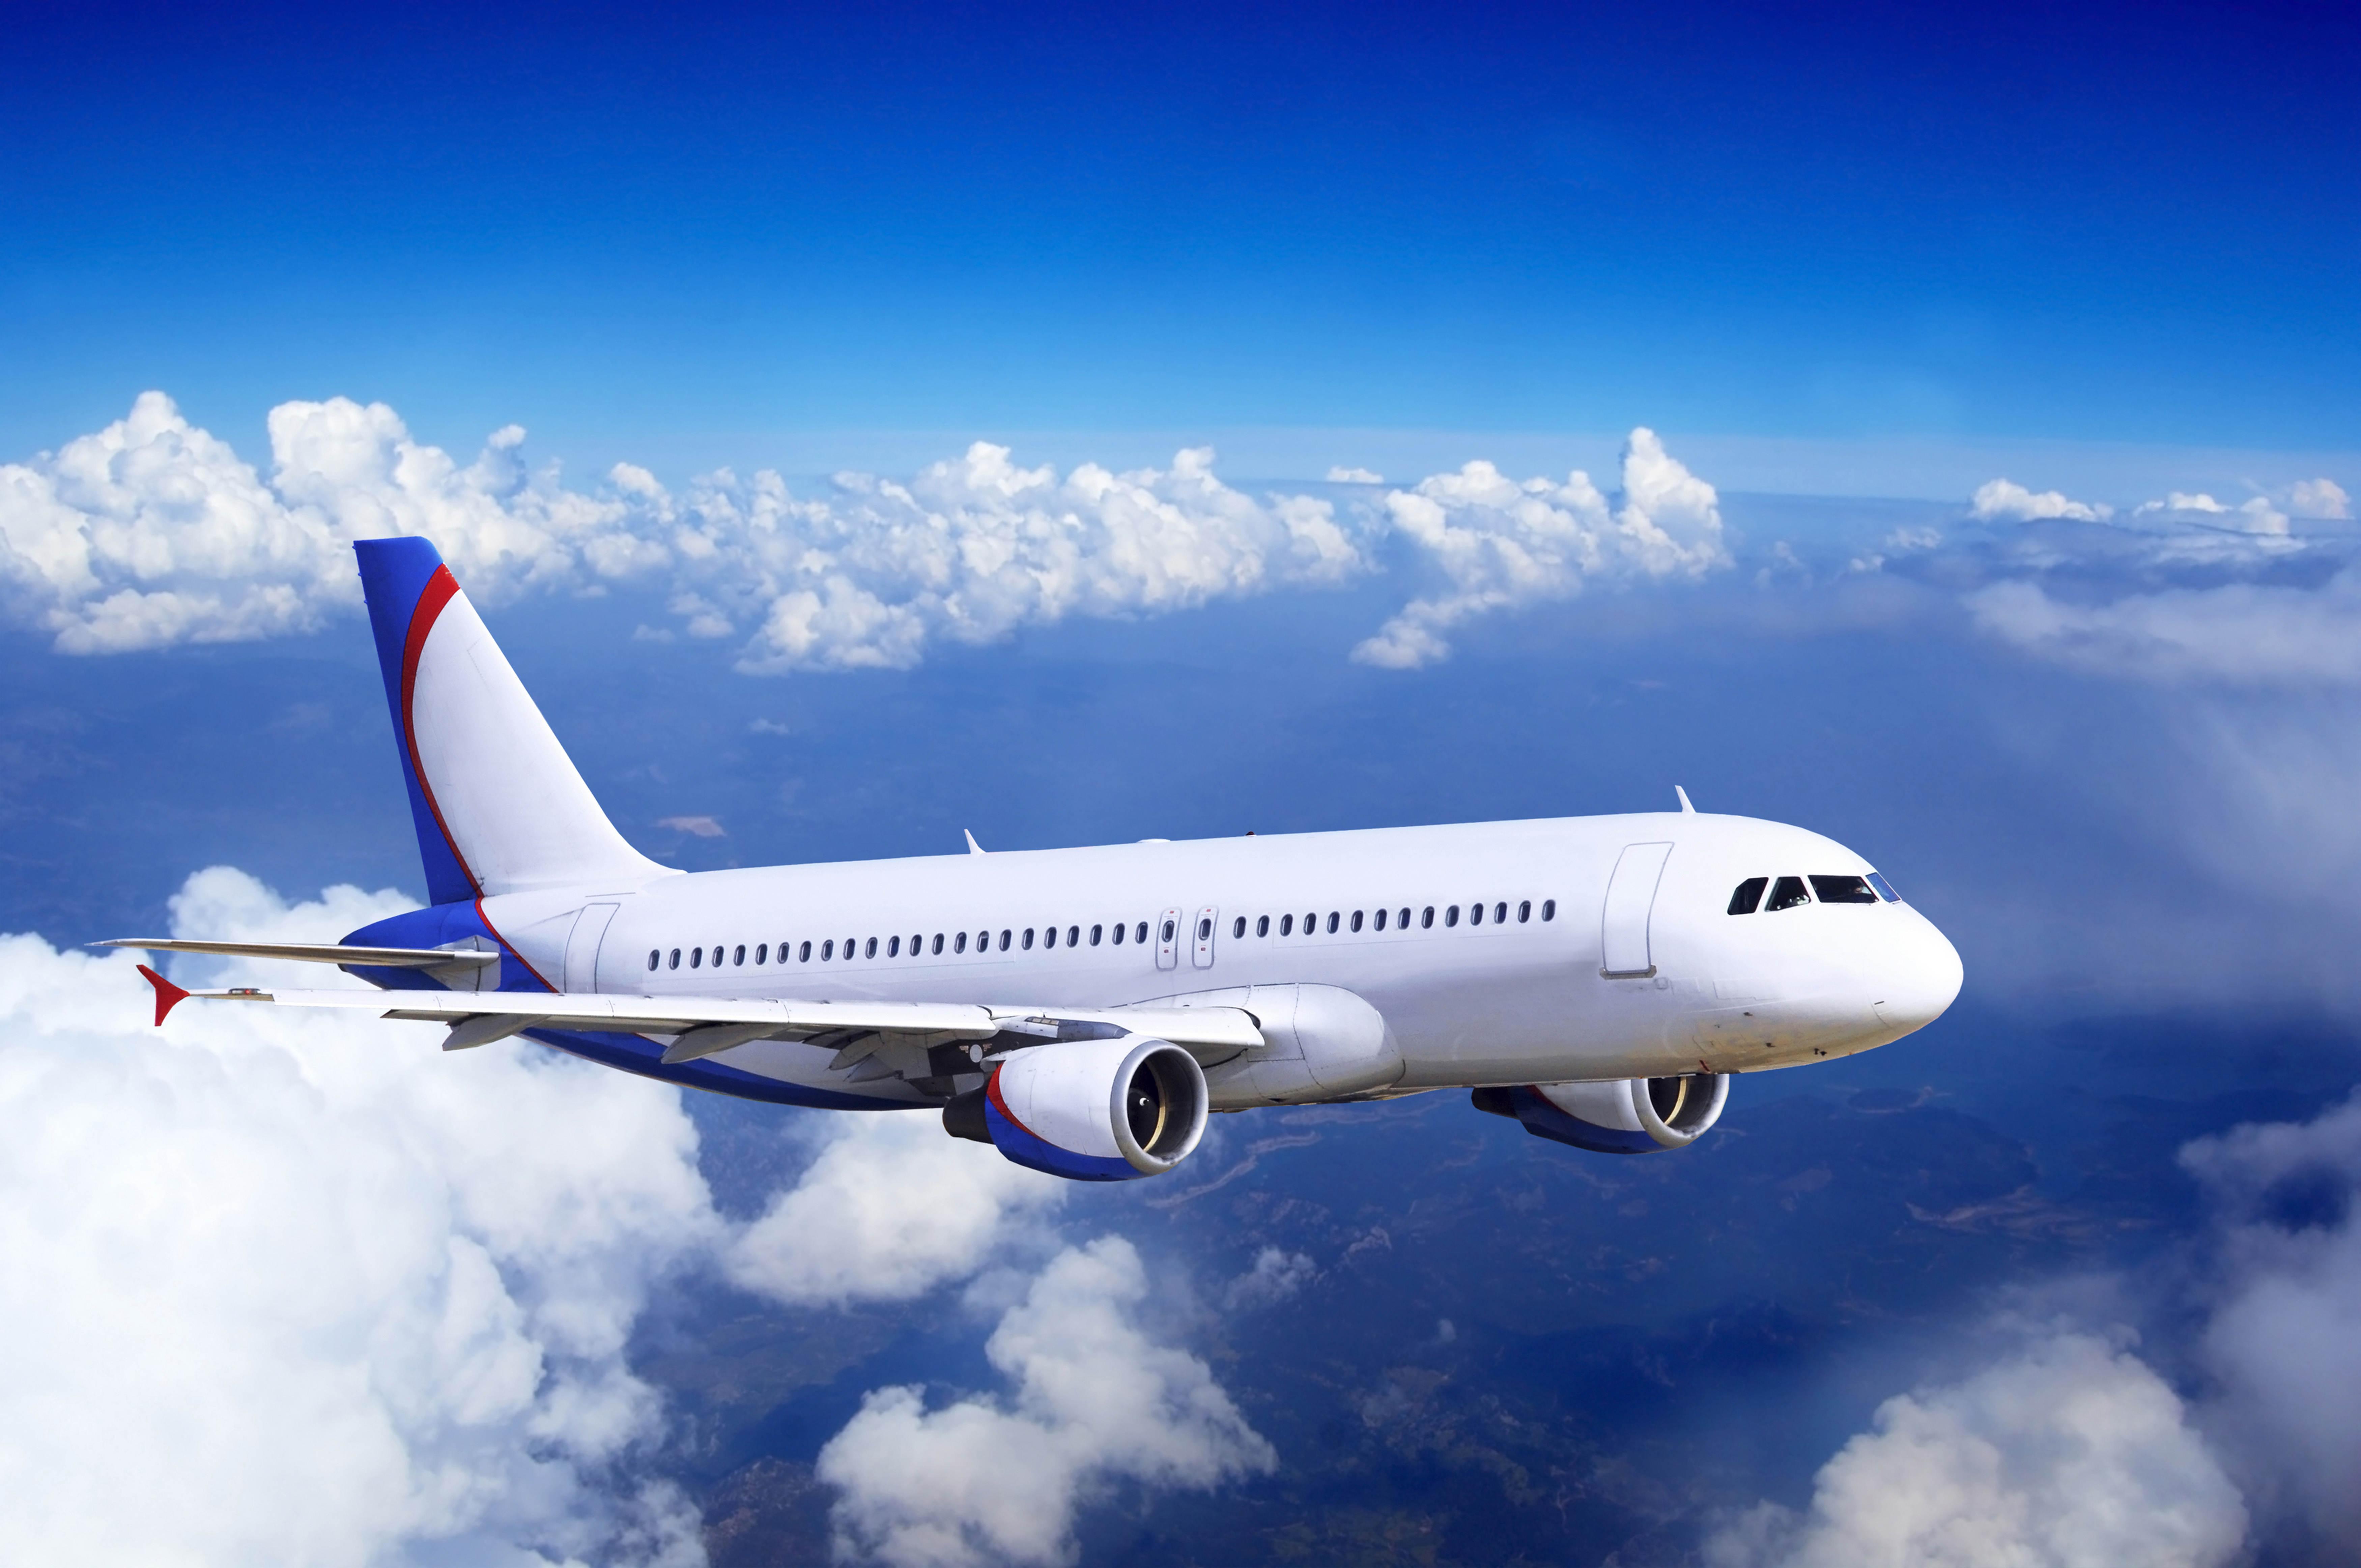 урна картинки самолетов для презентации дельфины